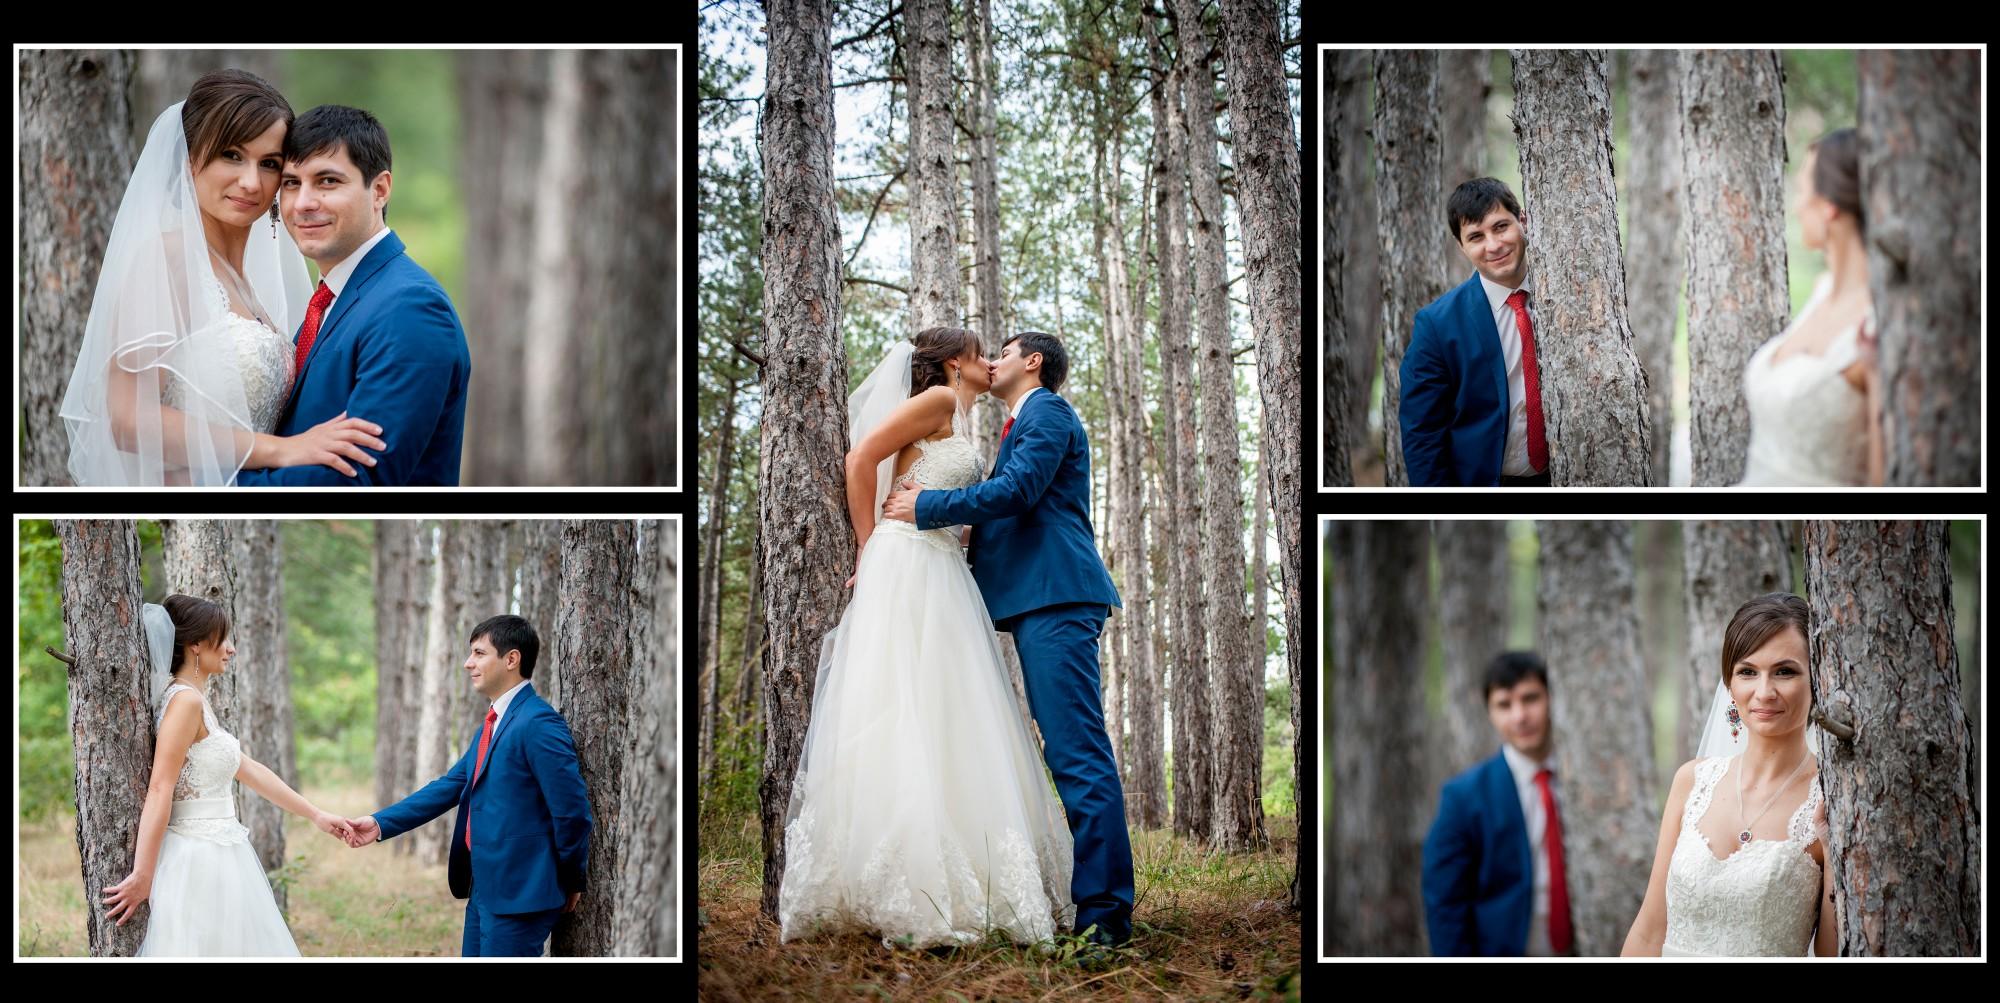 Сватбена фотокнига, сватбен фотограф, Пловдив, Панагюрище 2016-3-5